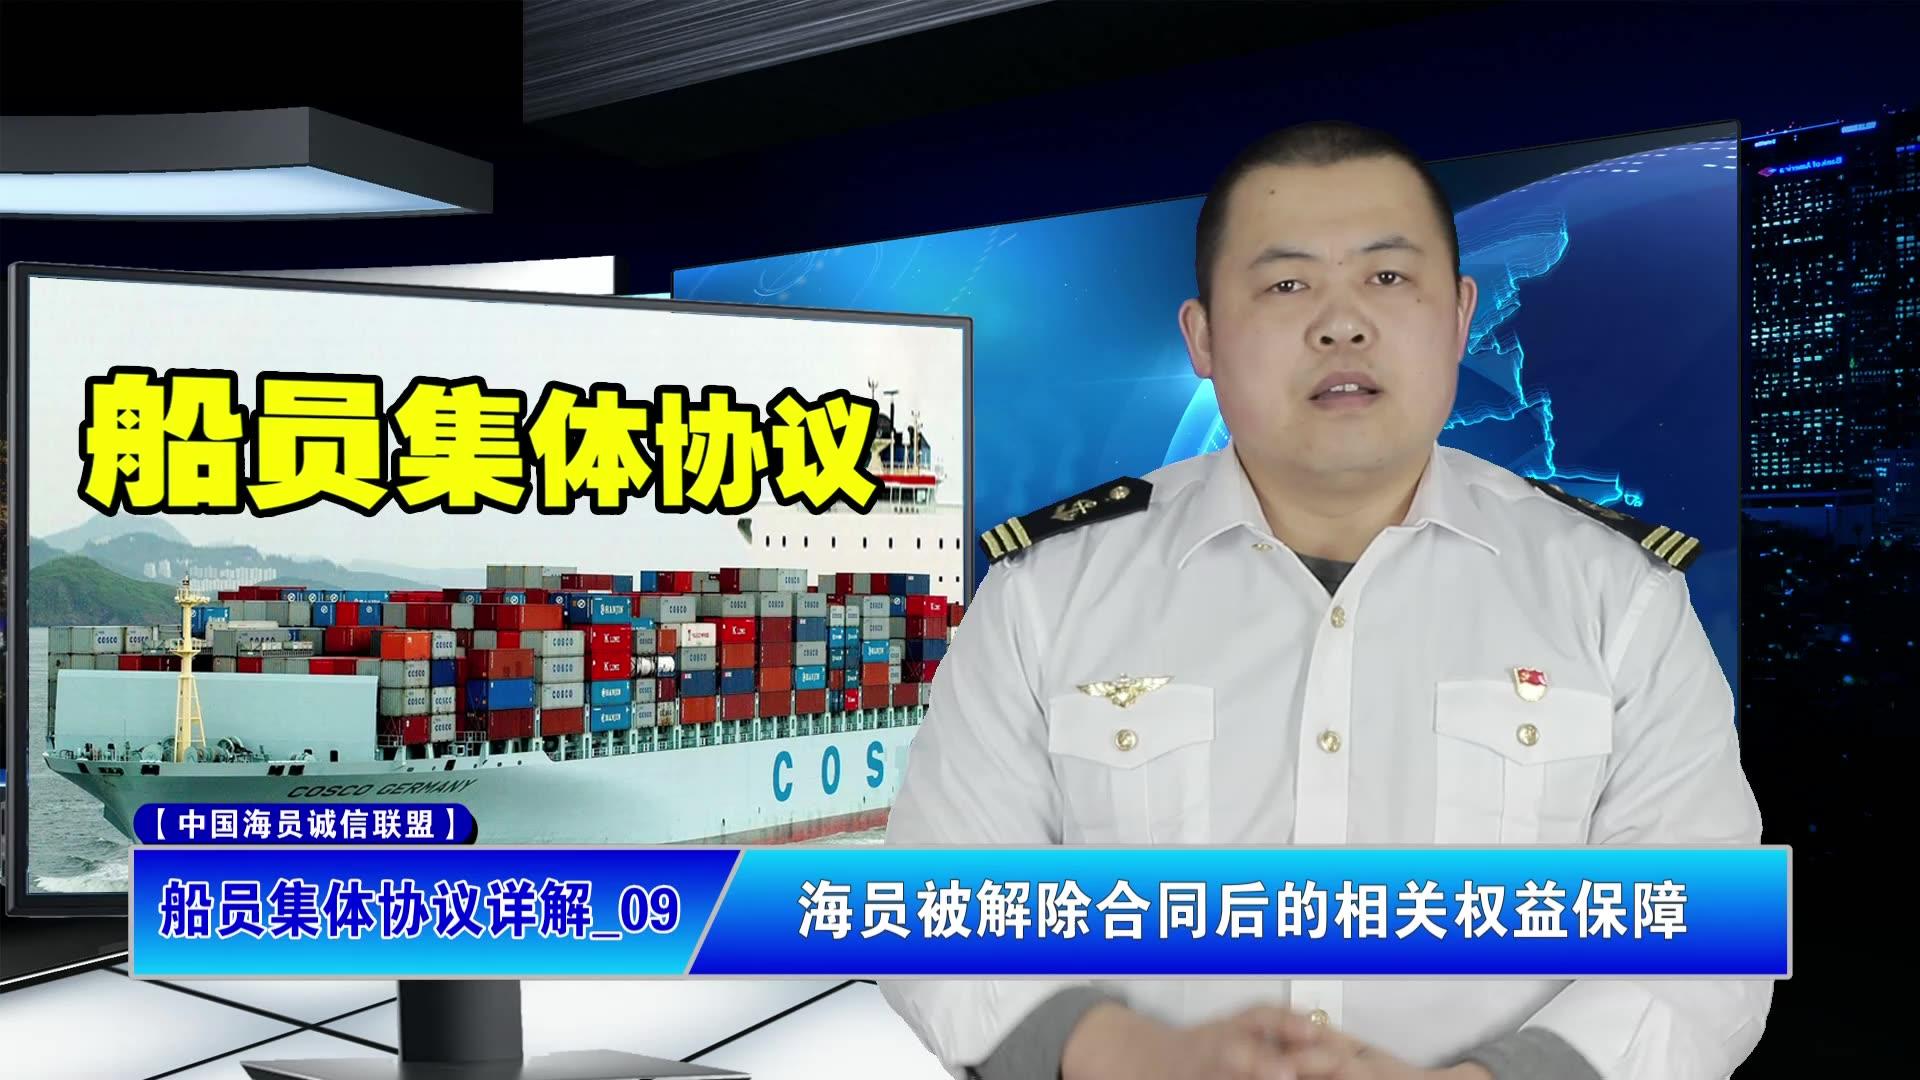 船员集体协议详解_09:海员被解除合同后的相关权益保障